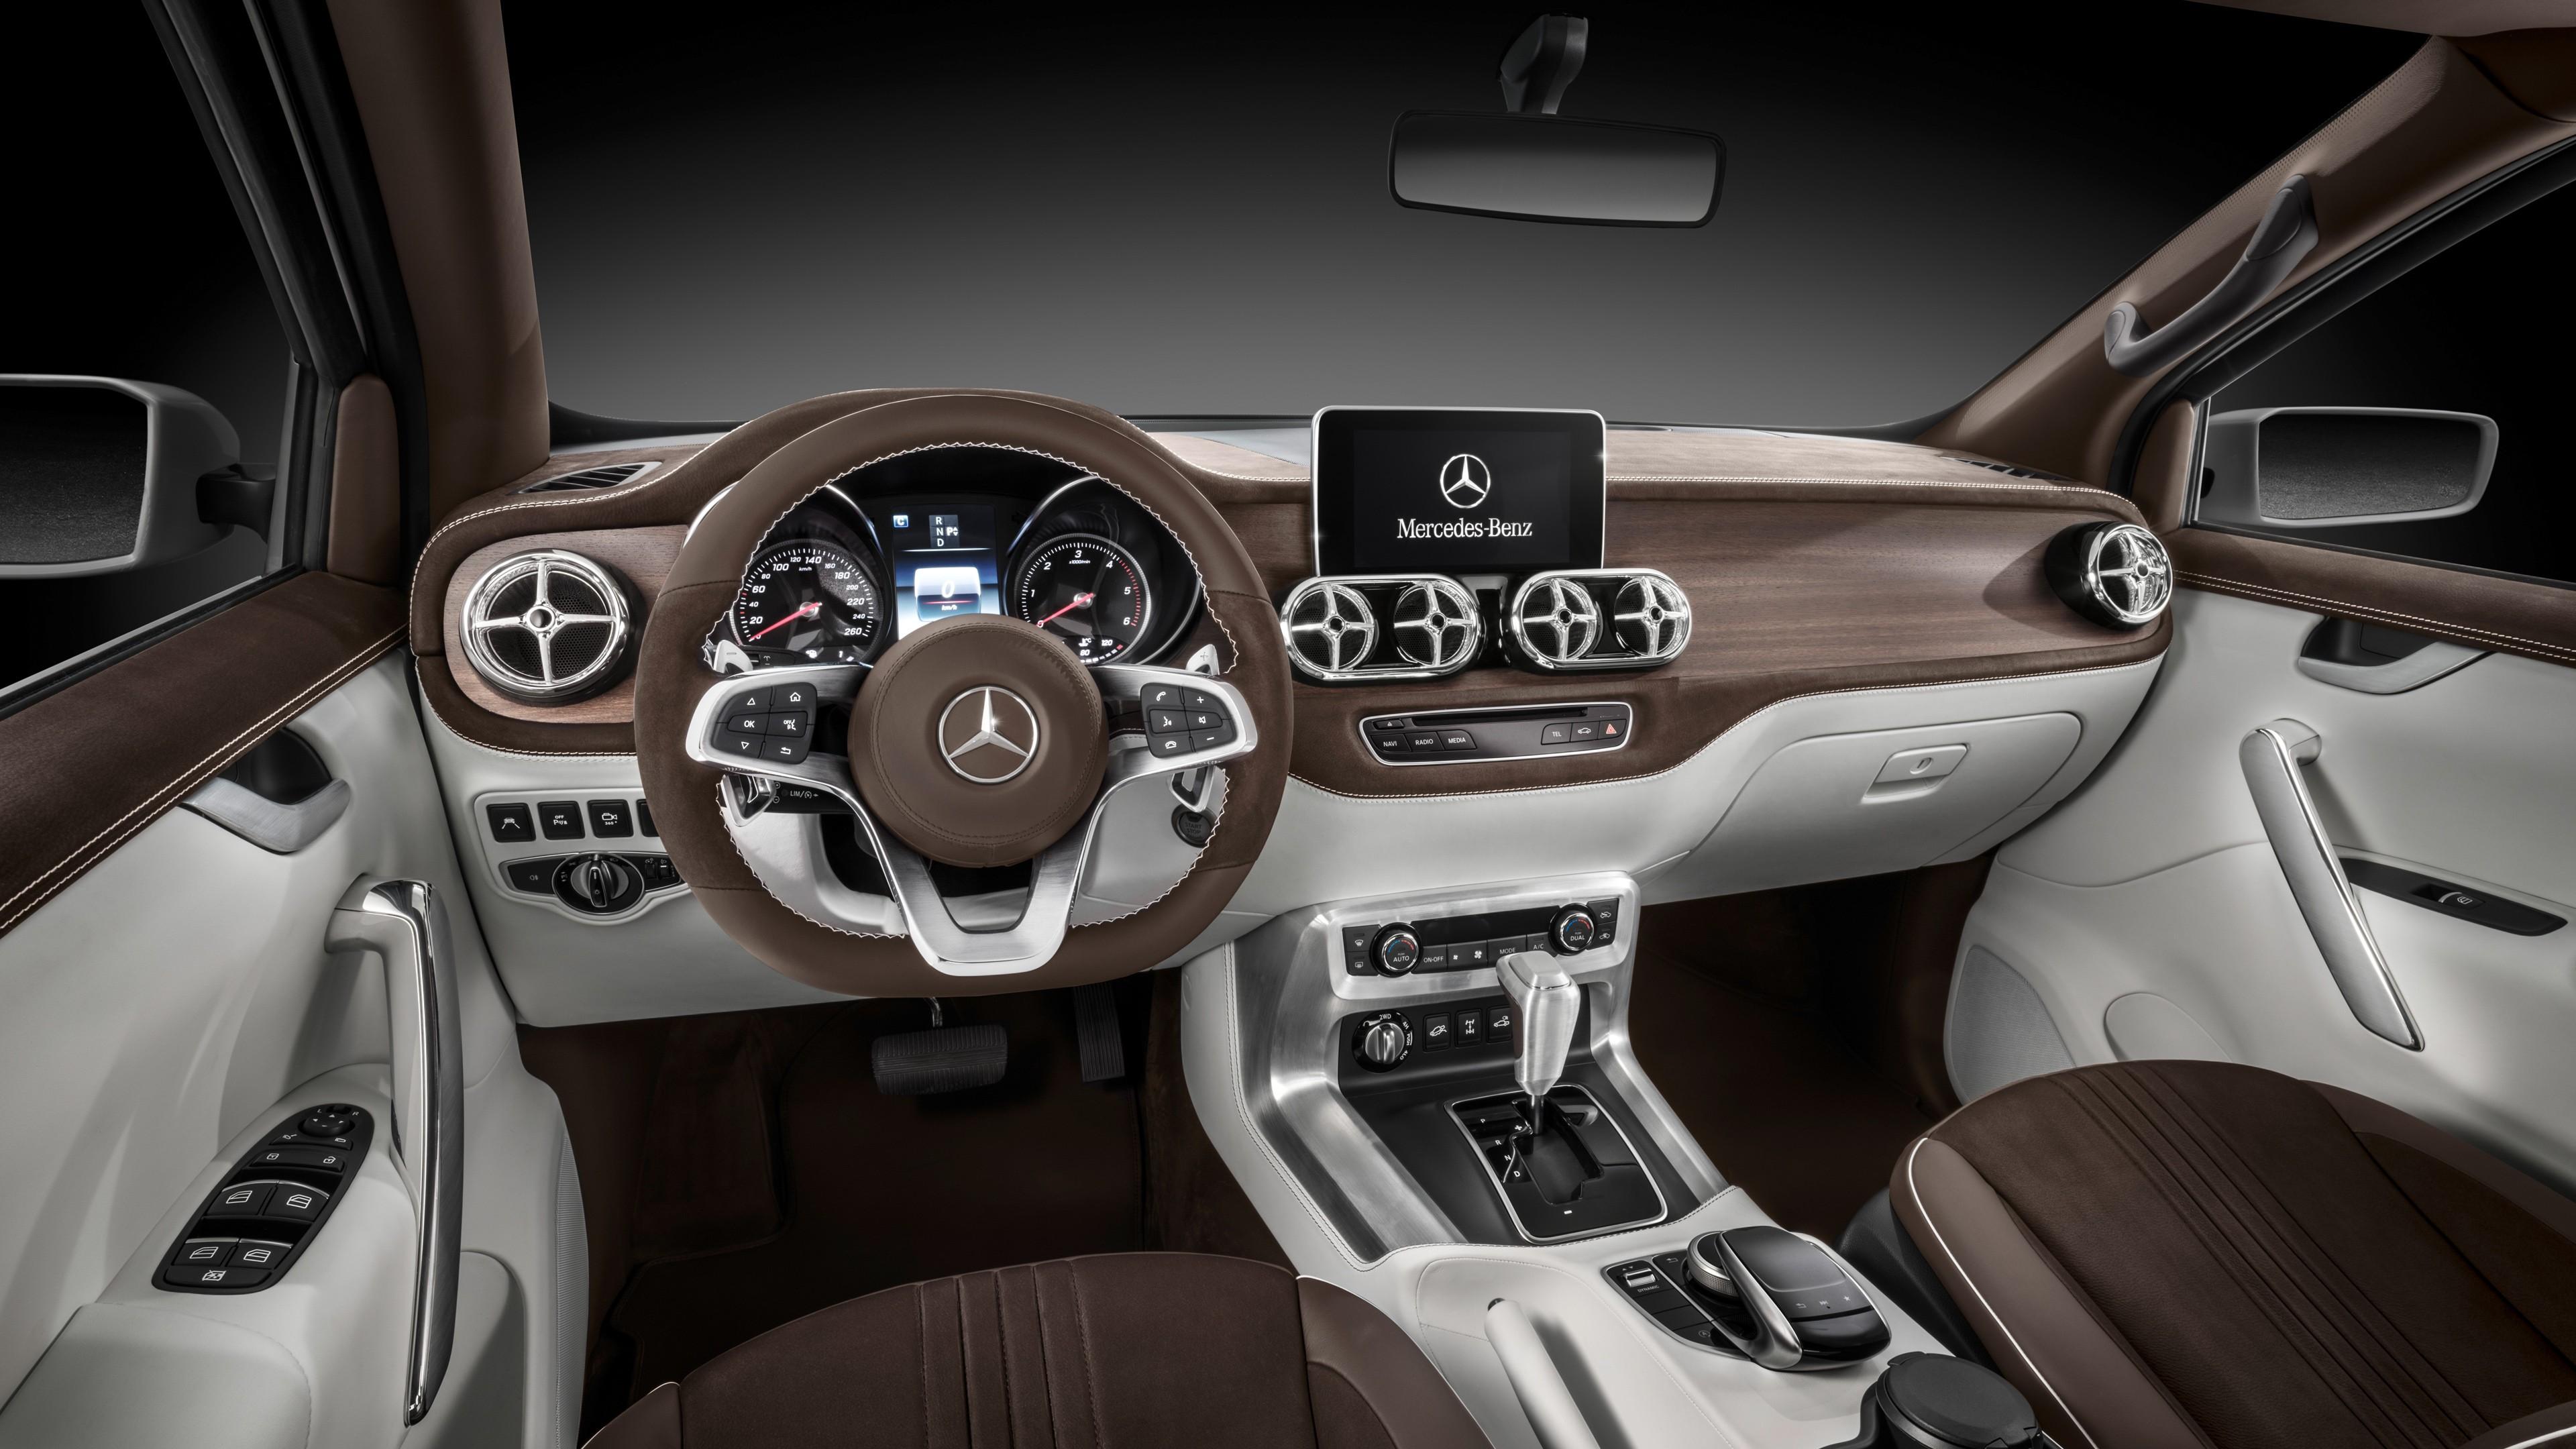 Ultra Hd Desktop Wallpapers 2017 Mercedes Benz X Class Pickup Truck Interior Wallpaper